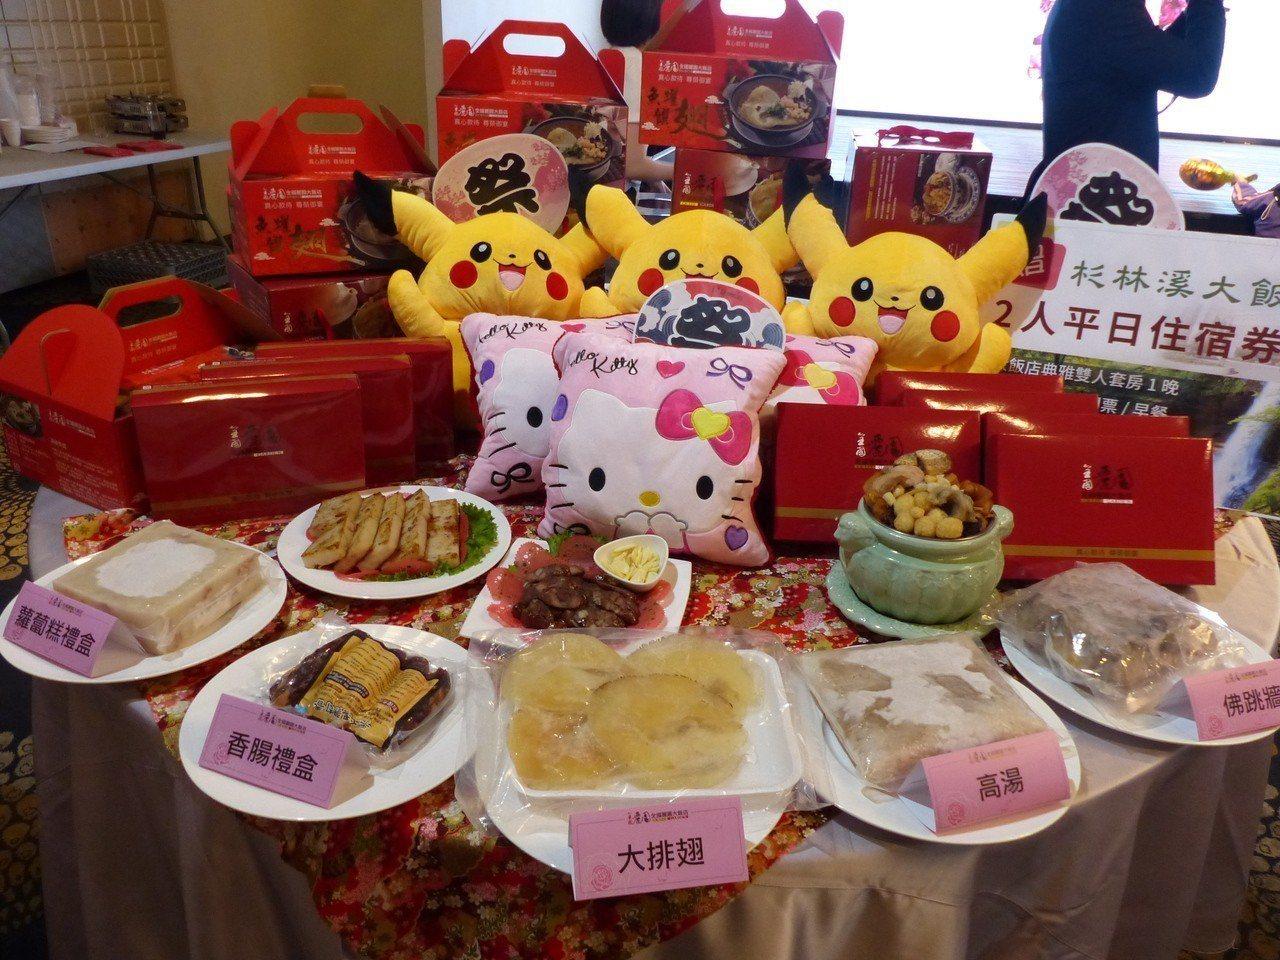 全國麗園大飯店推出年菜外帶組合。記者劉明岩/攝影